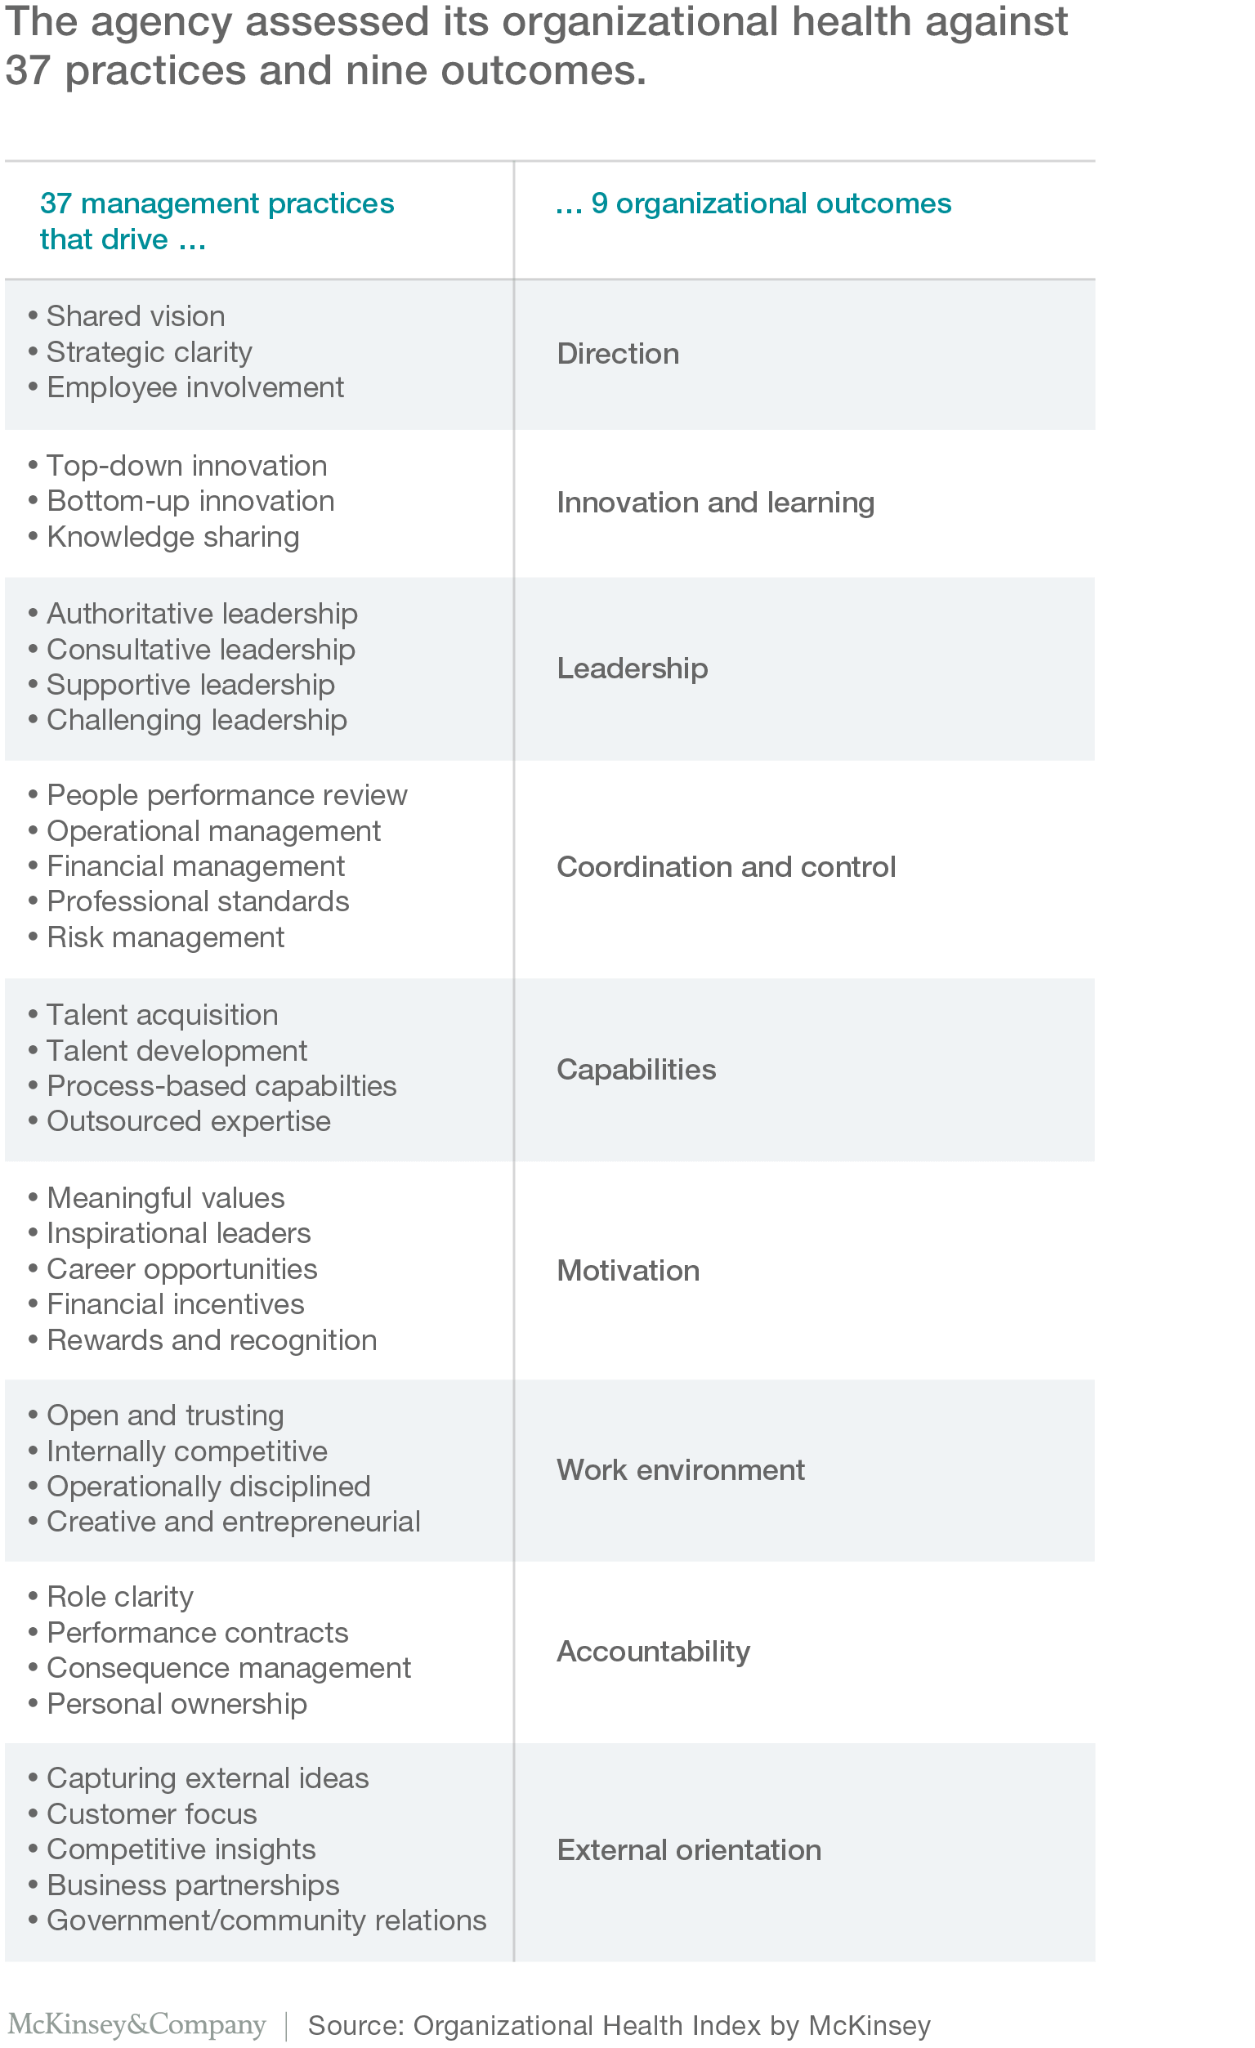 organizational health index by McKinsey